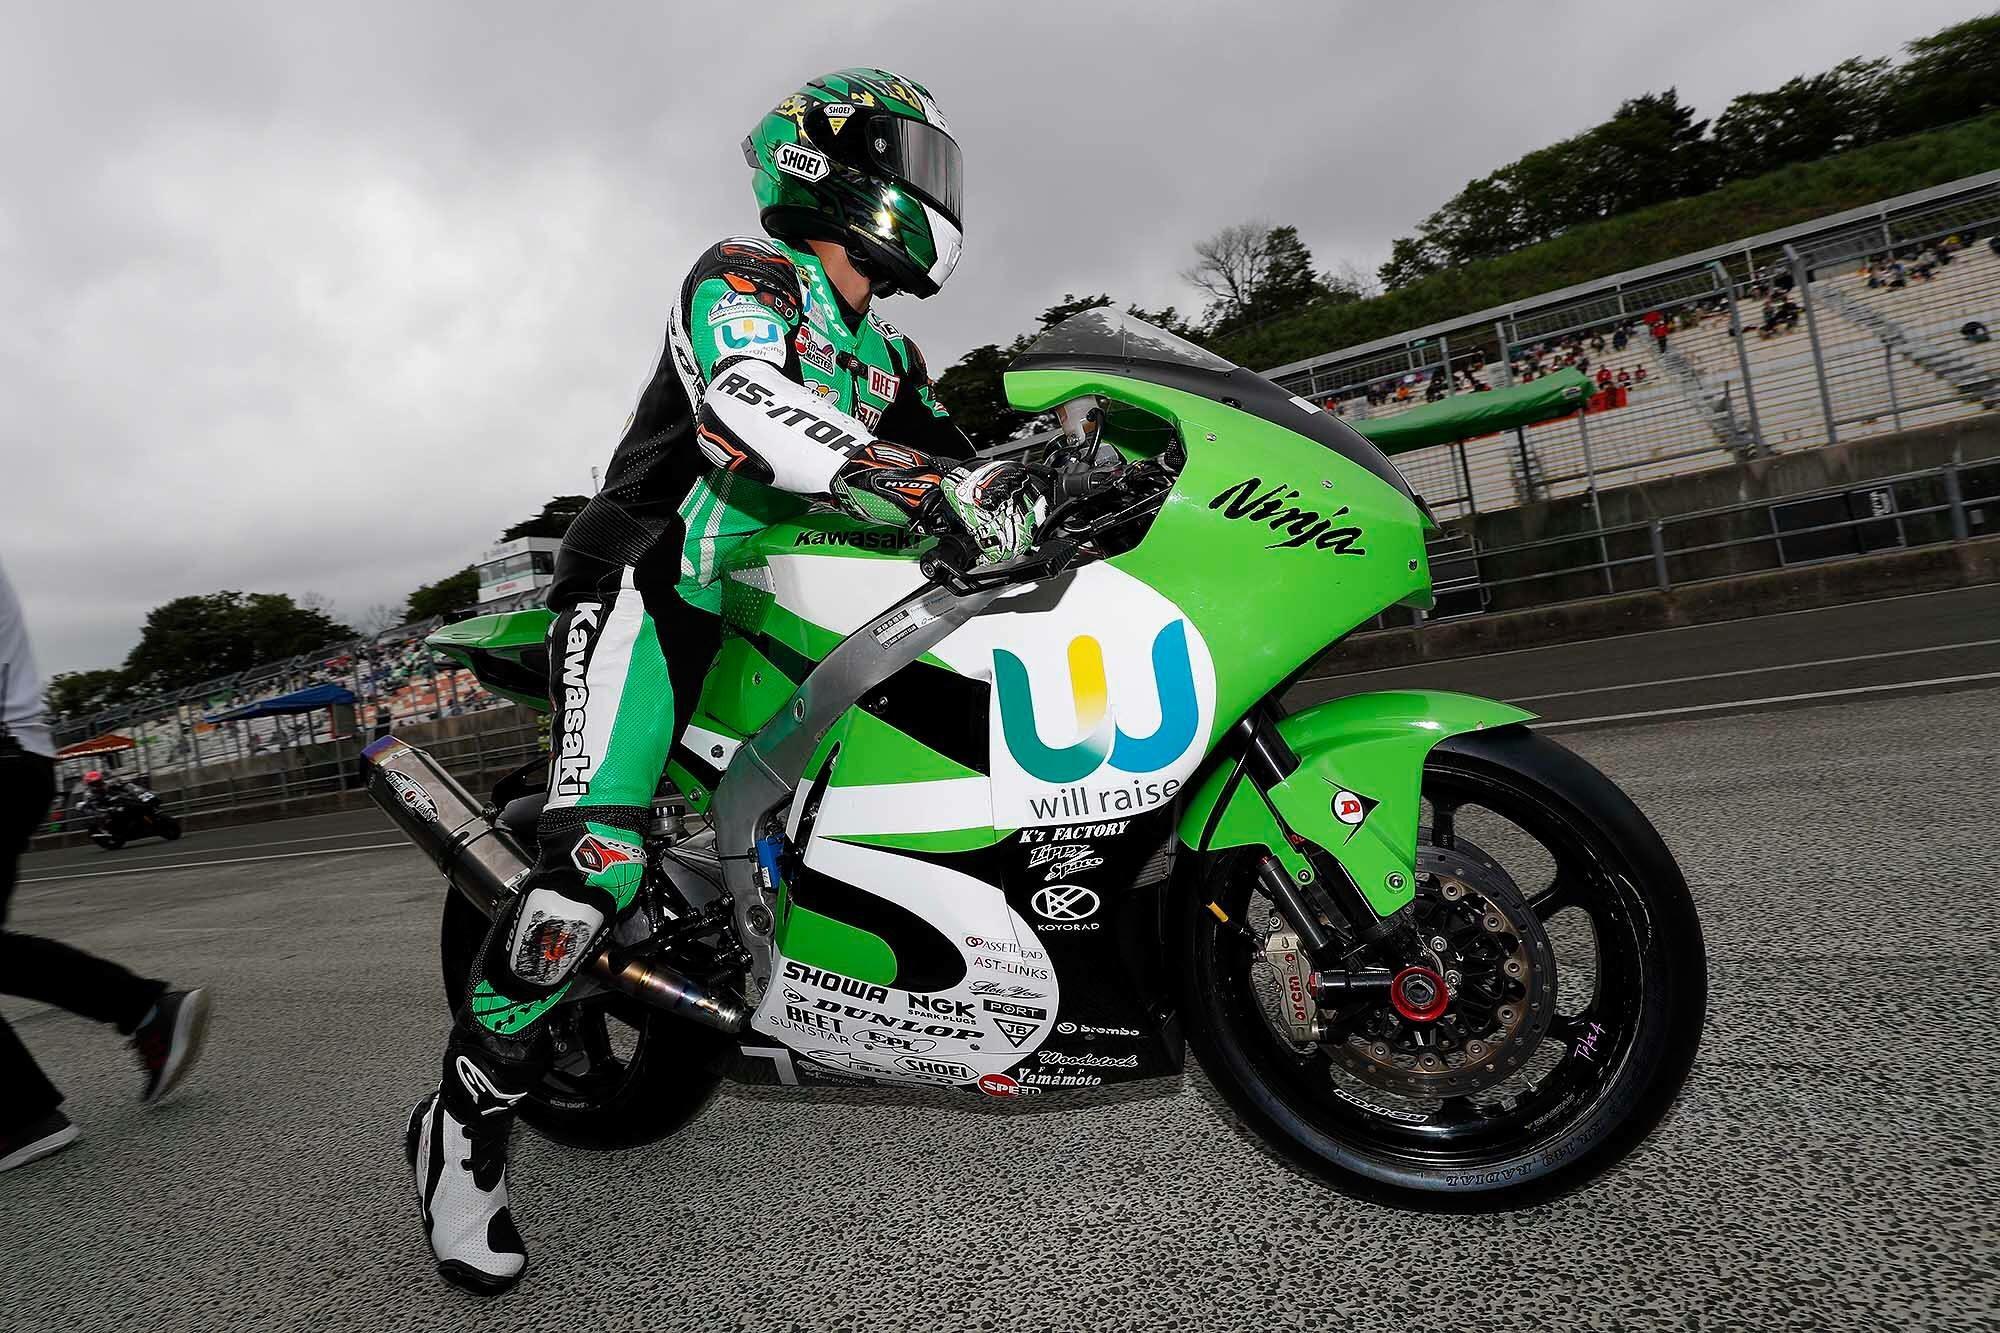 Motorzに全日本ロードレース選手権Rd.4決勝レースの取材記事が公開されました。